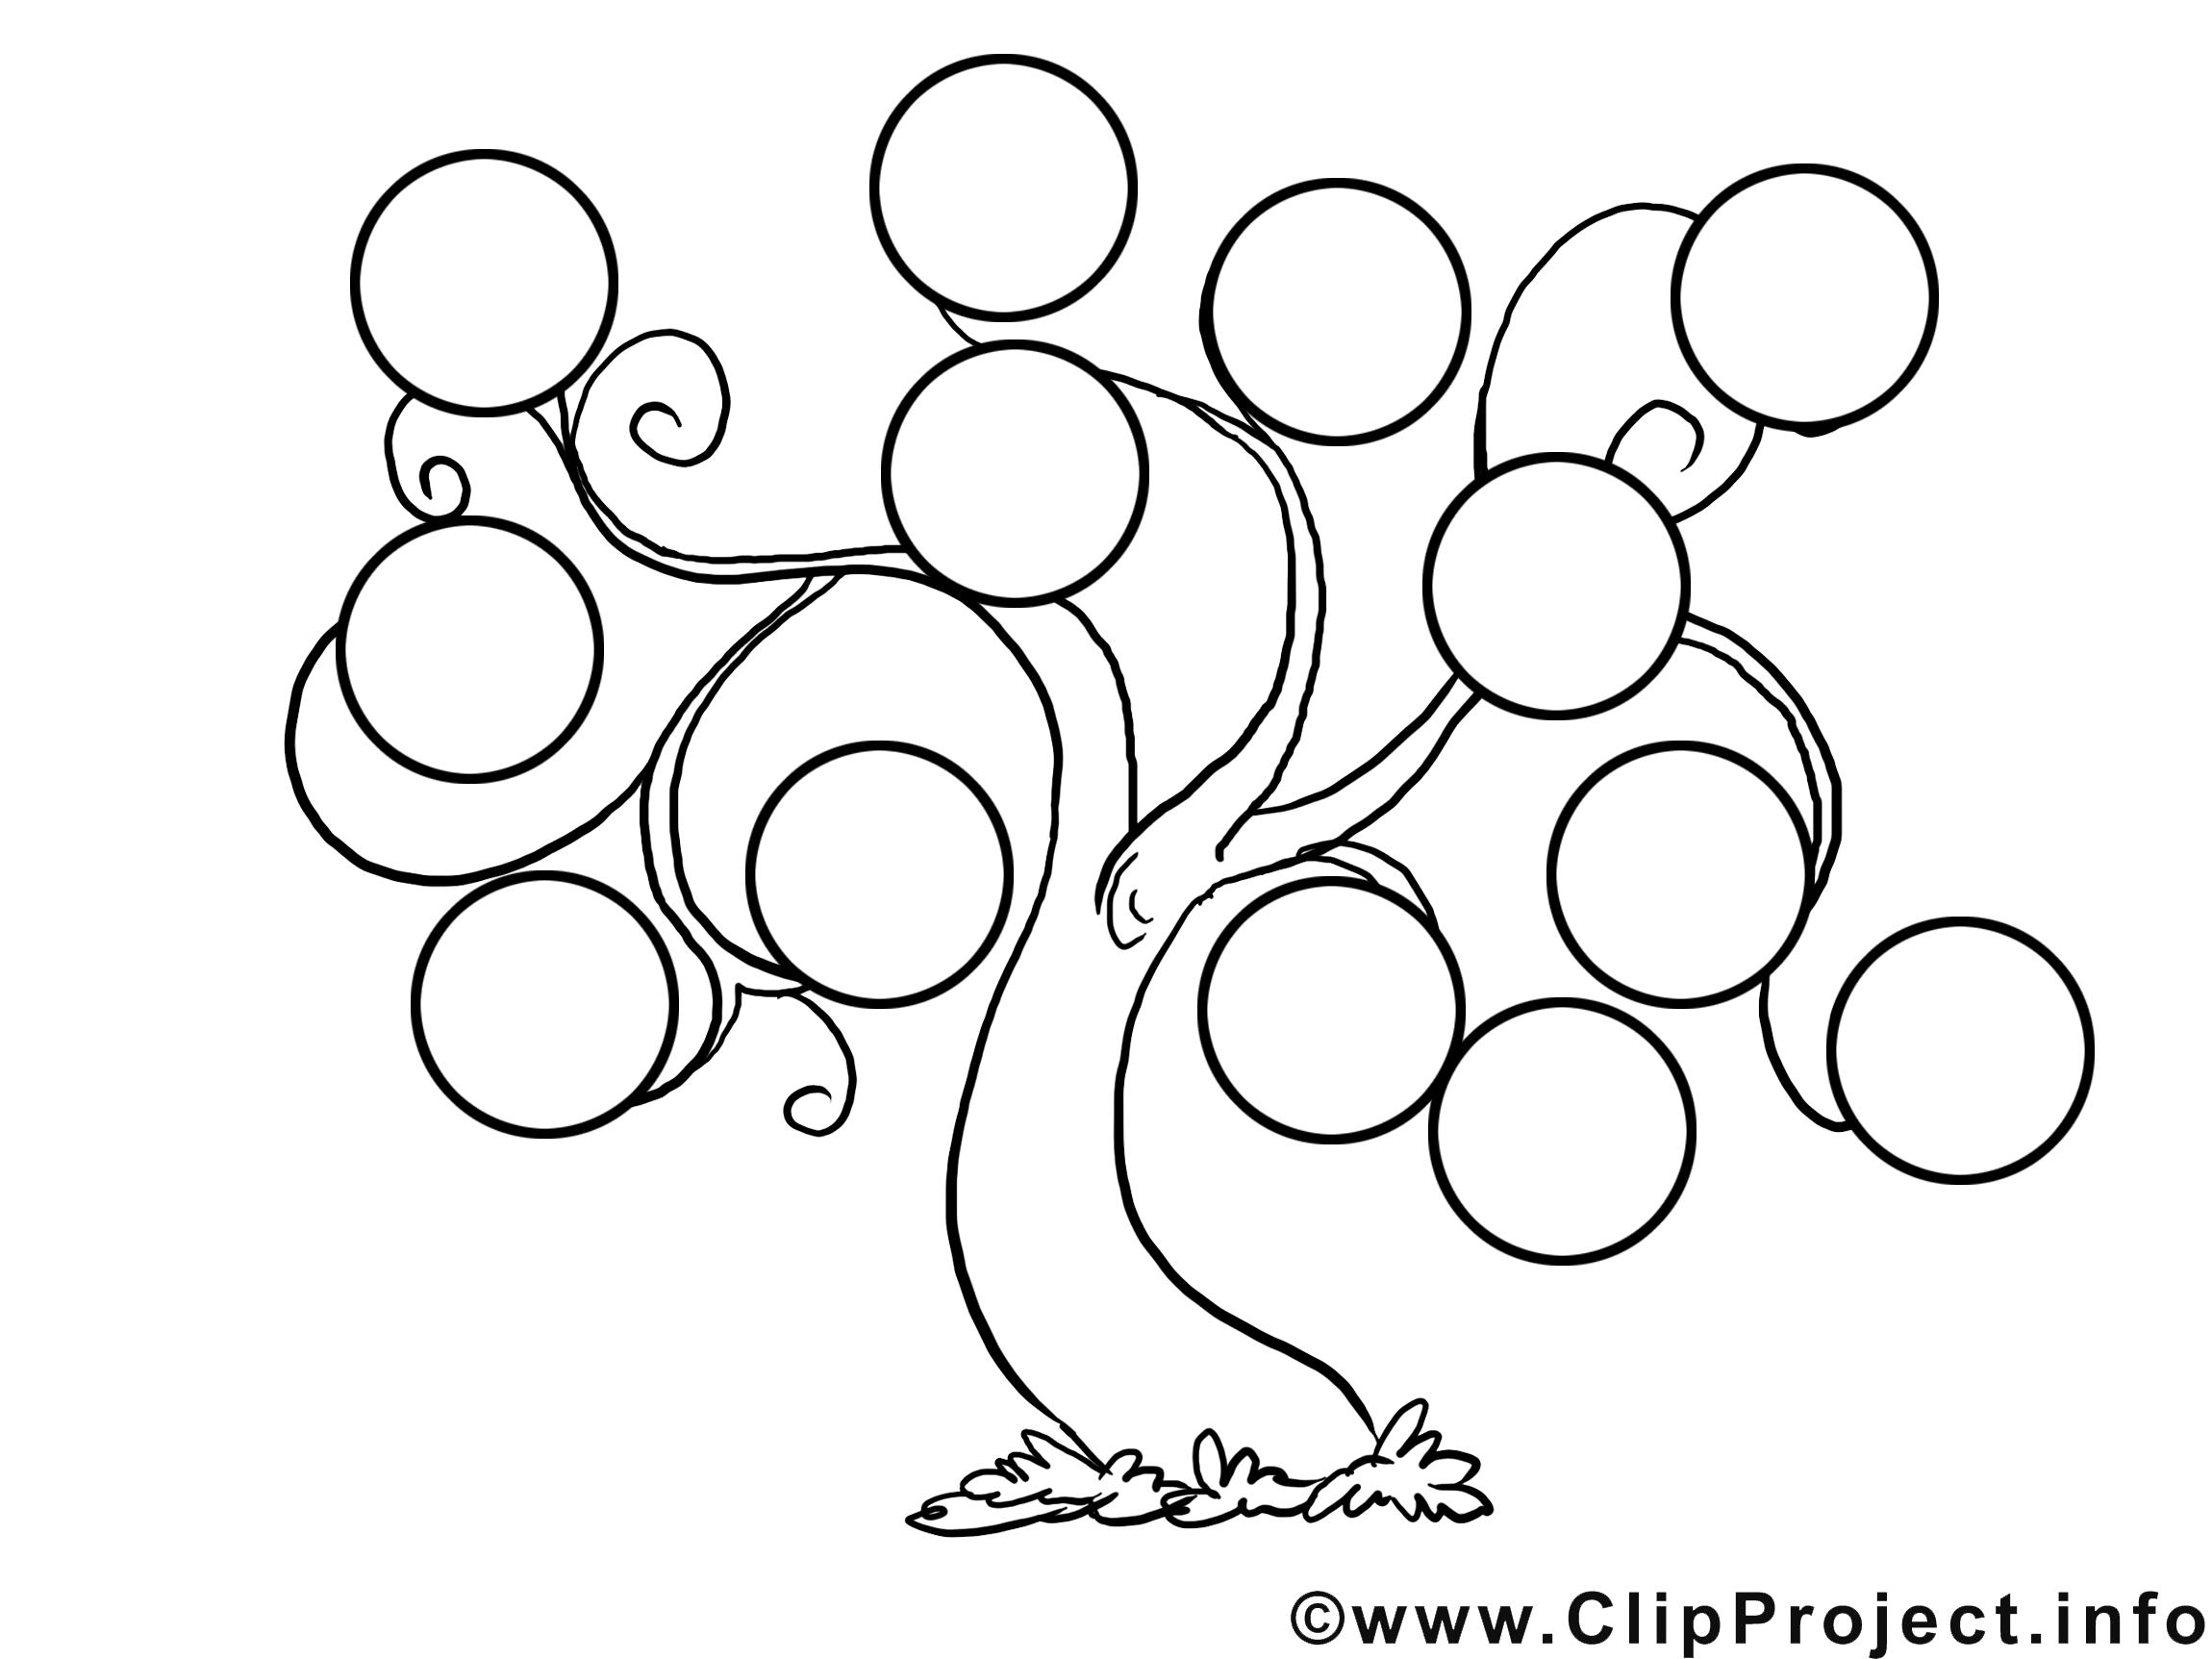 Stammbaum Vordruck